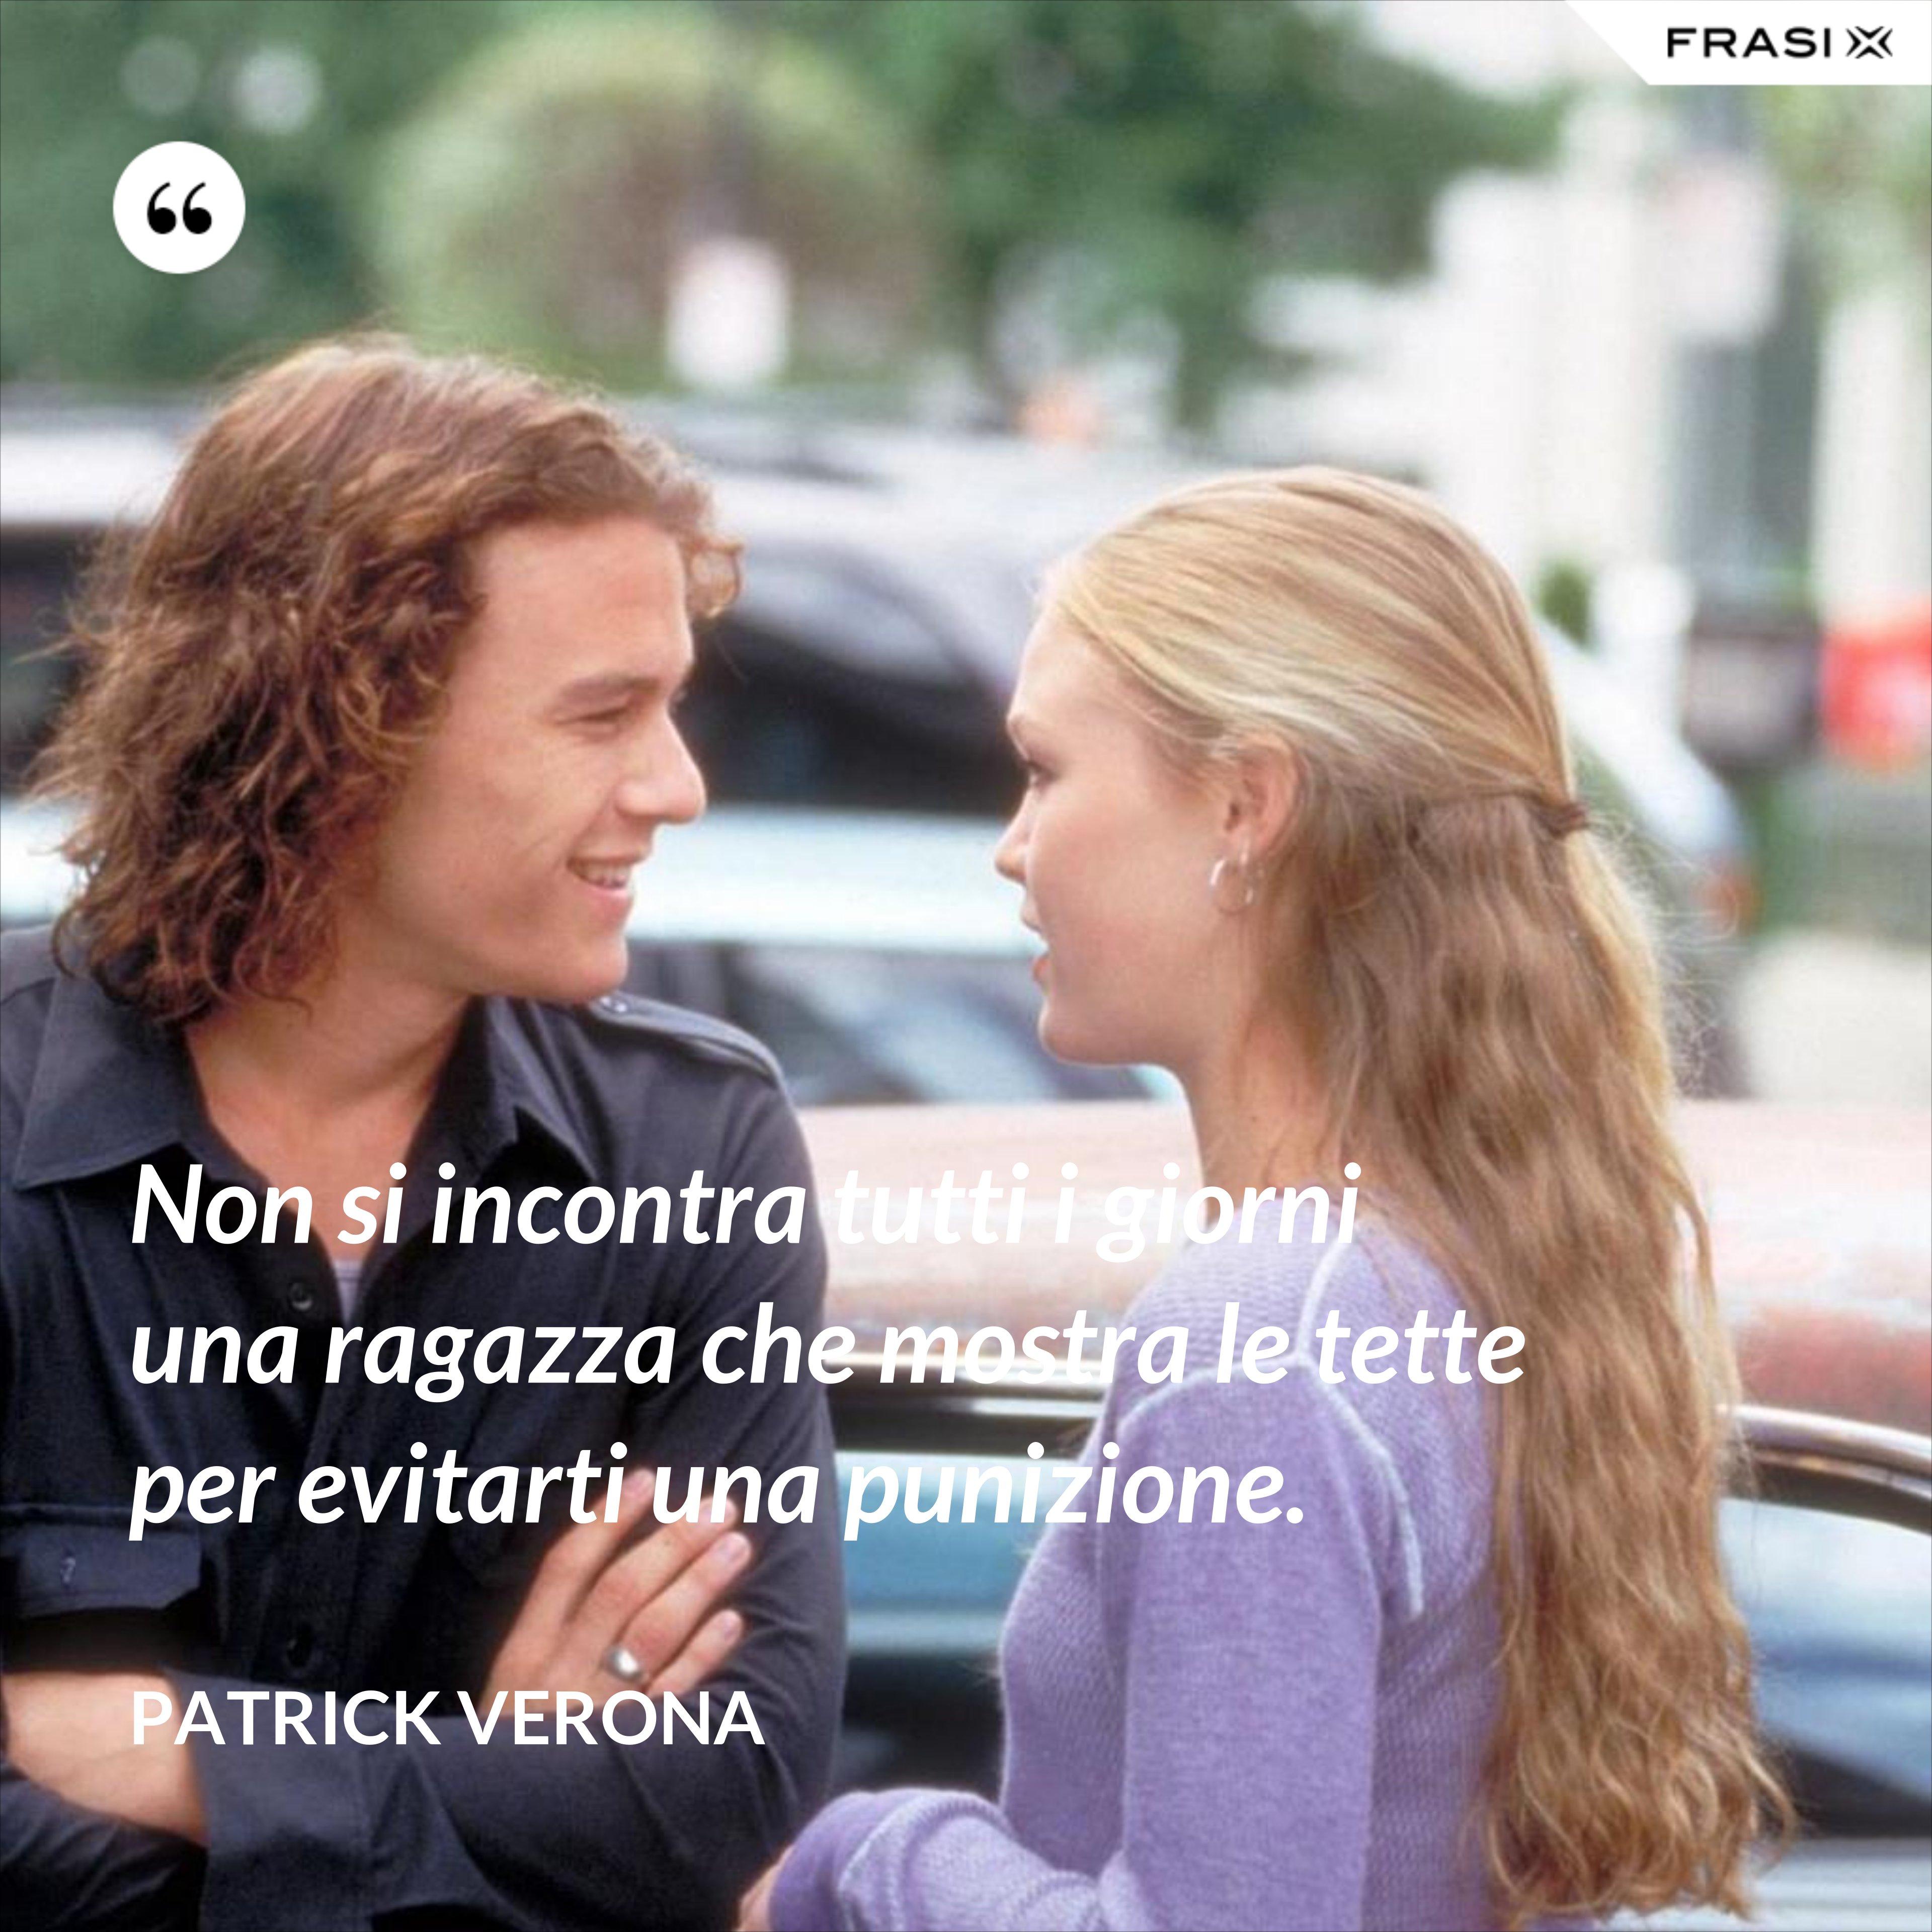 Non si incontra tutti i giorni una ragazza che mostra le tette per evitarti una punizione. - Patrick Verona